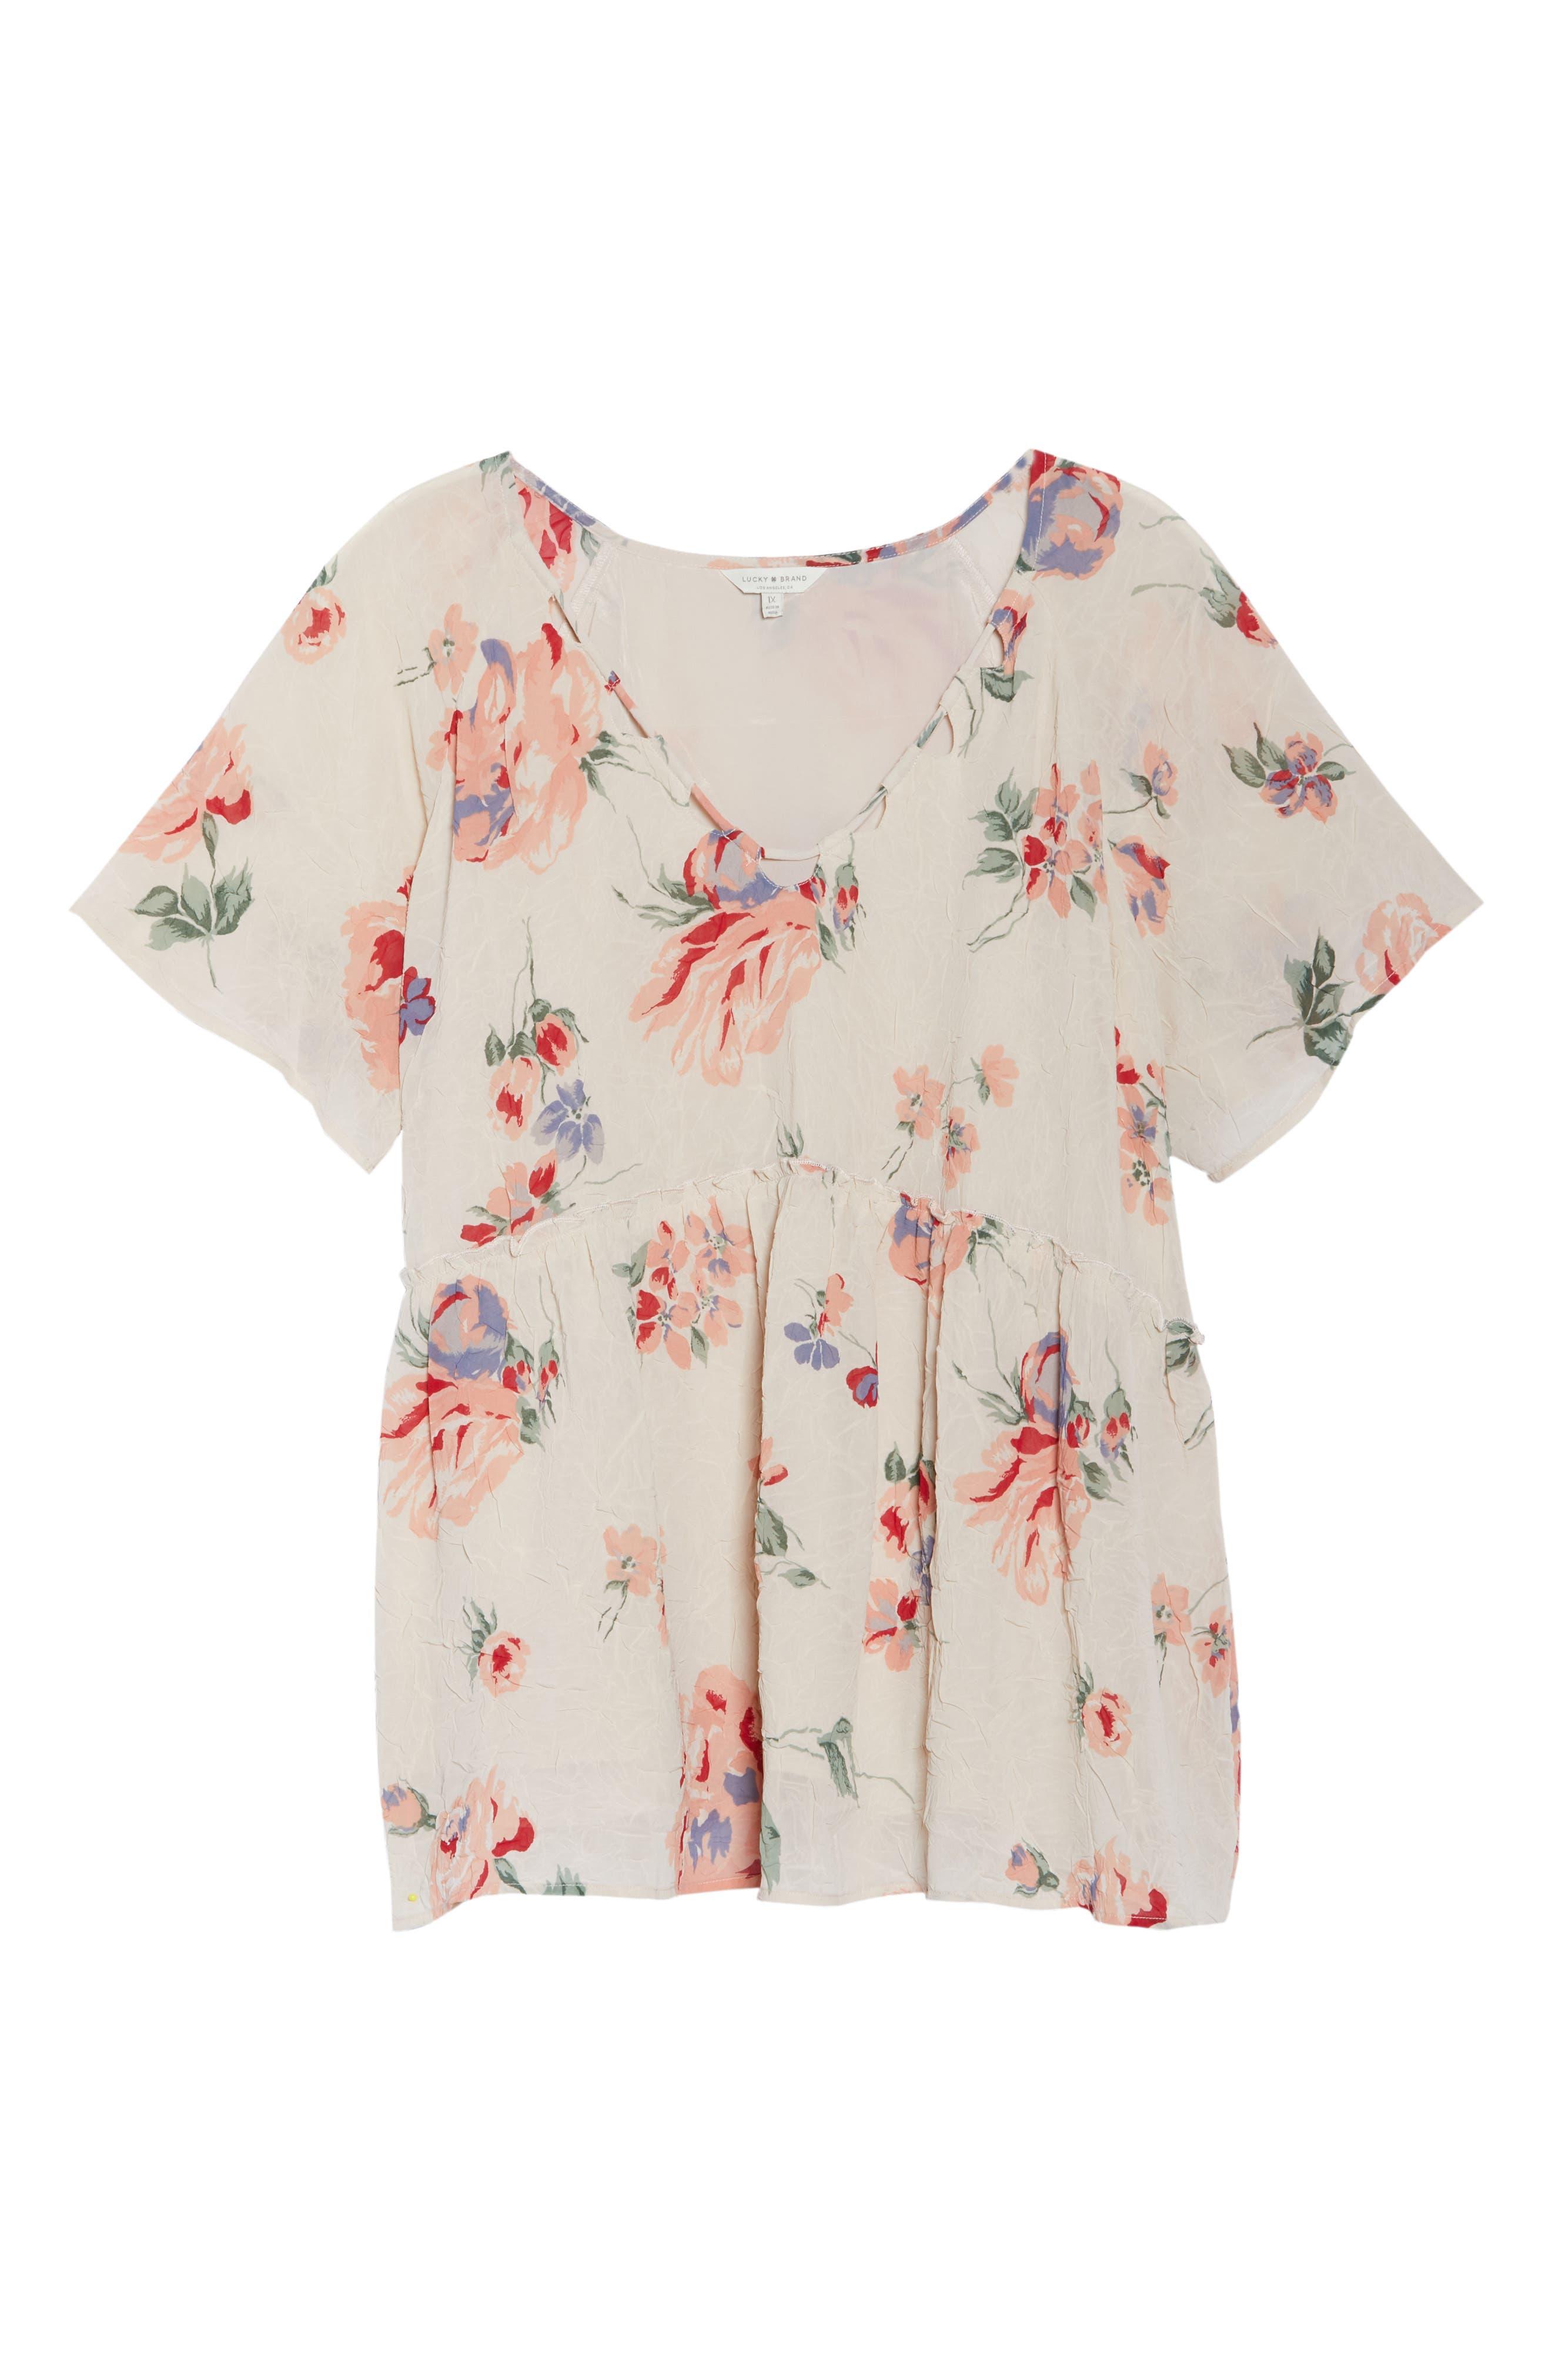 Floral Flutter Top,                             Alternate thumbnail 7, color,                             Pink Multi